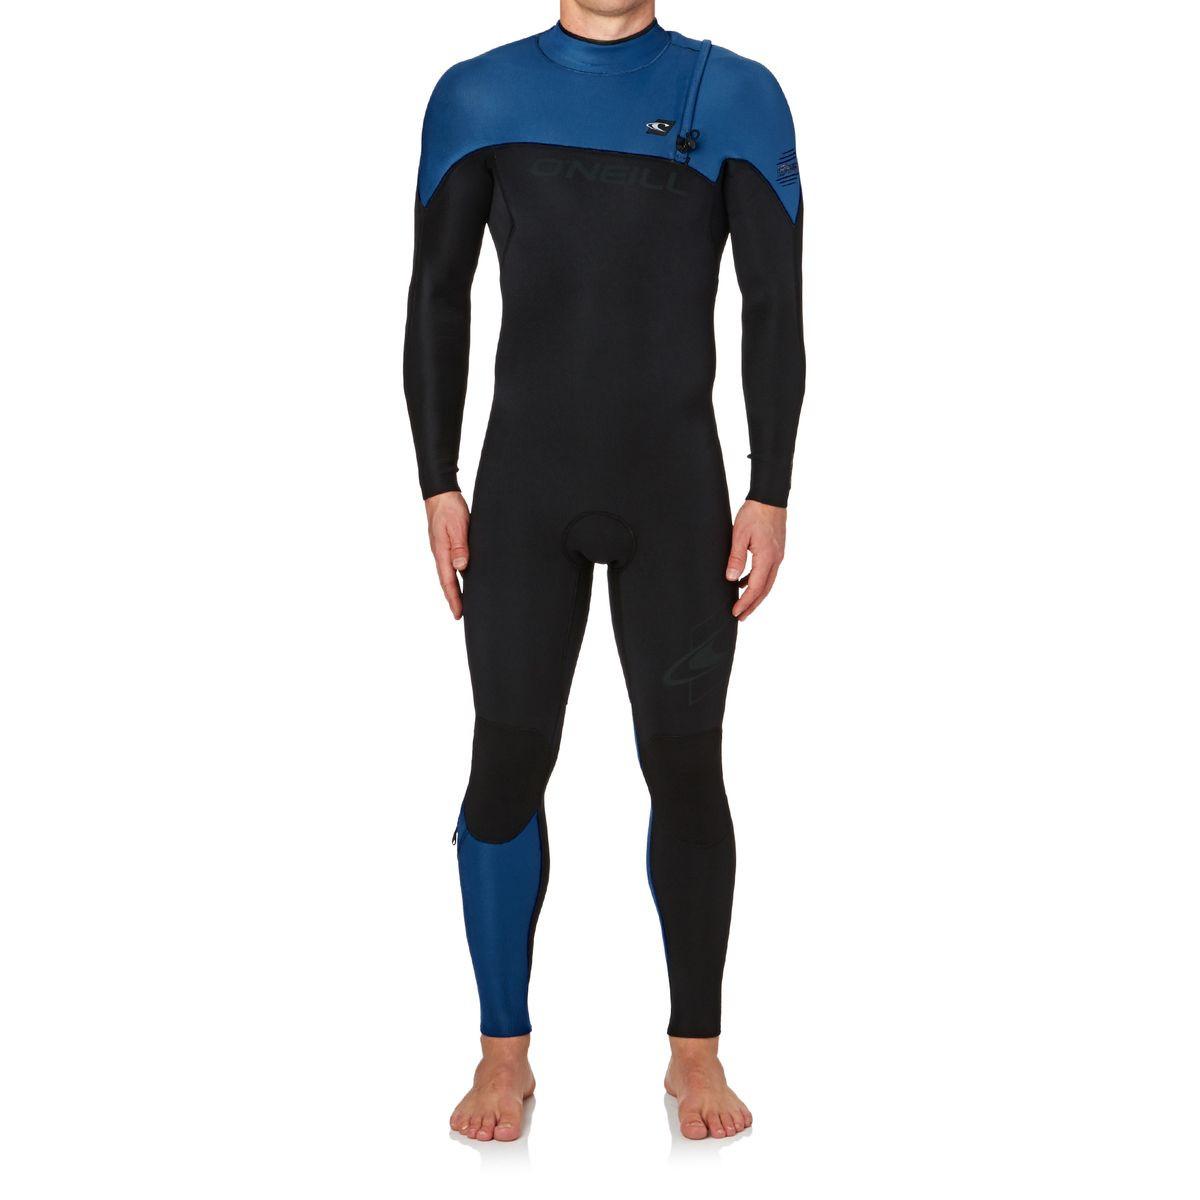 O'Neill Hyperfreak Comp 4/3mm 2017 Zipperless Wetsuit - Black/ Deep Sea/ Deep Sea